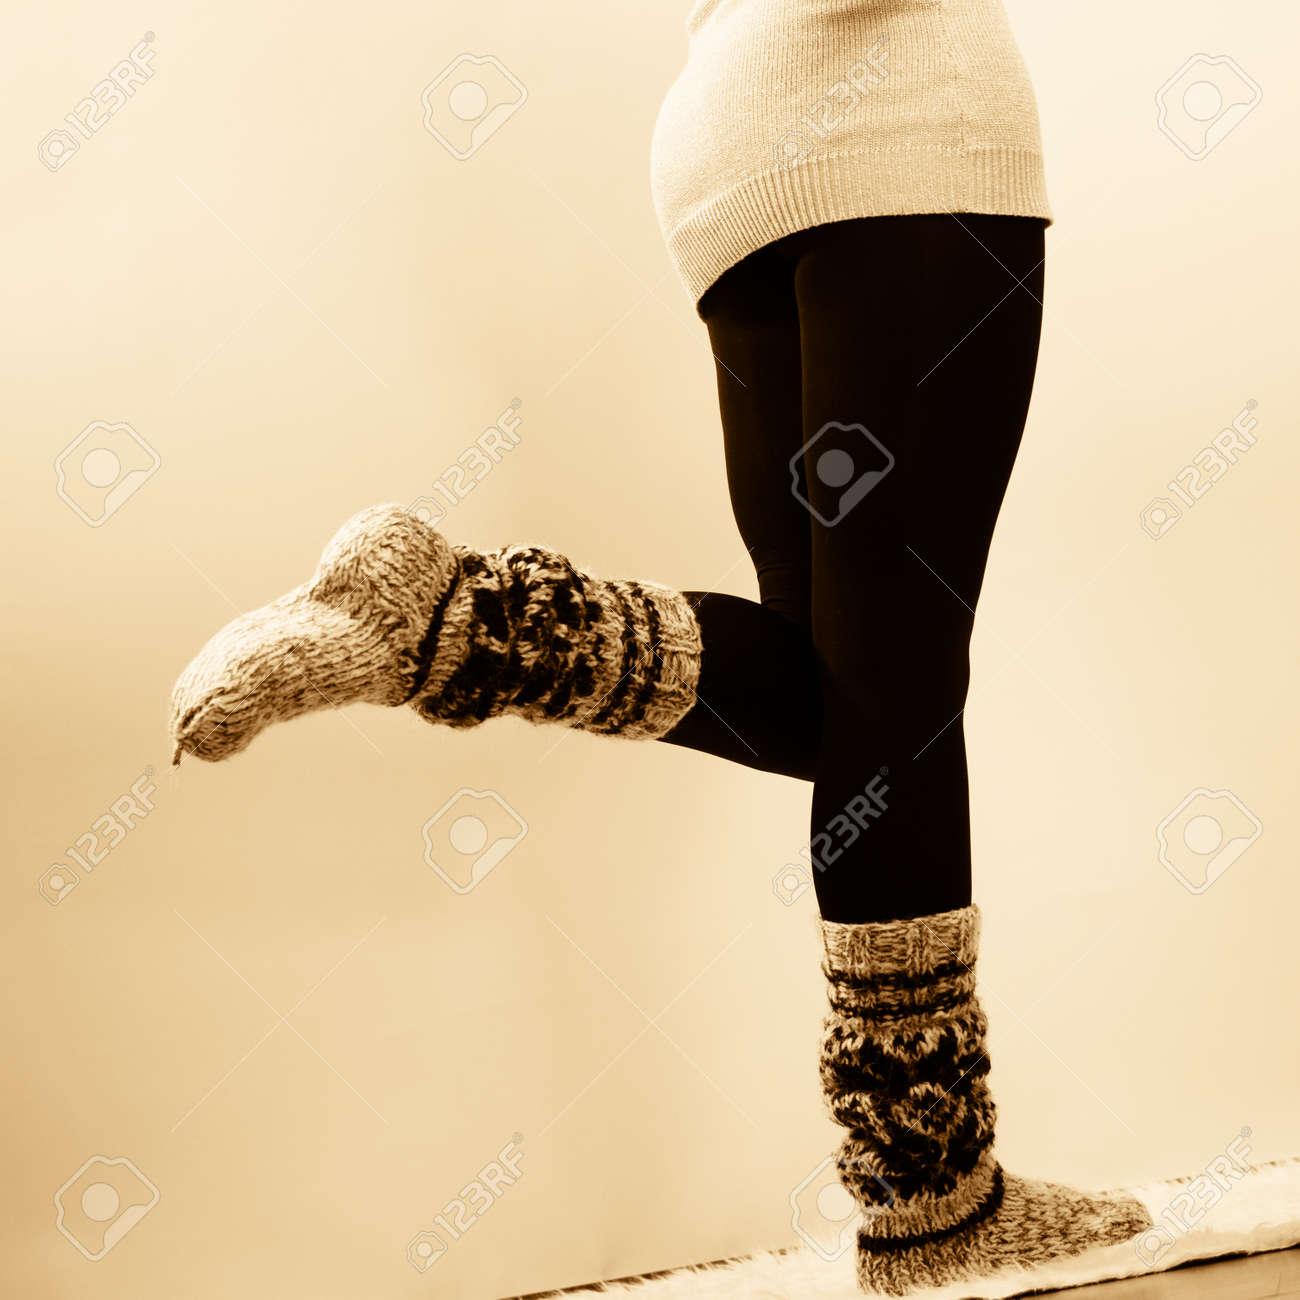 6bd2feae824 Banque d images - Mode d hiver. Jambes de femme en collants noir et  élégantes chaussettes chaudes de laine à la mode